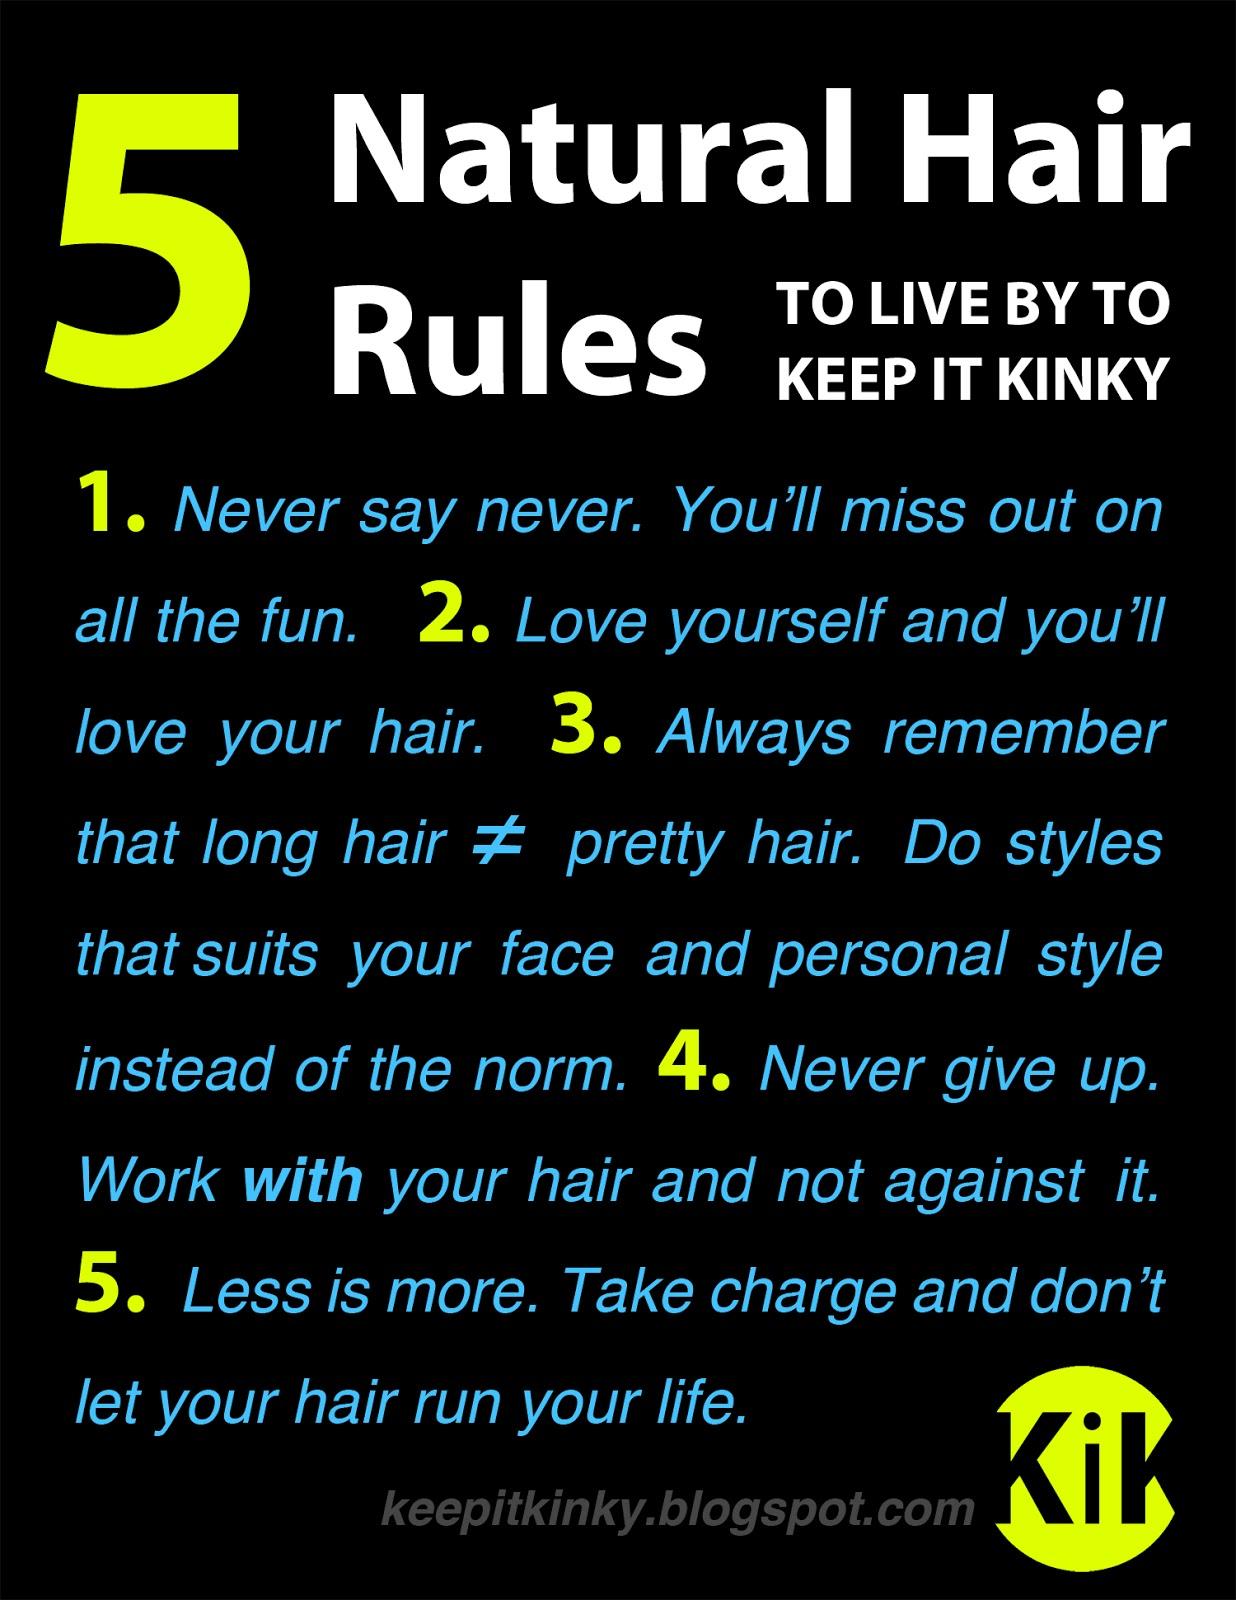 Natural Hair Rules